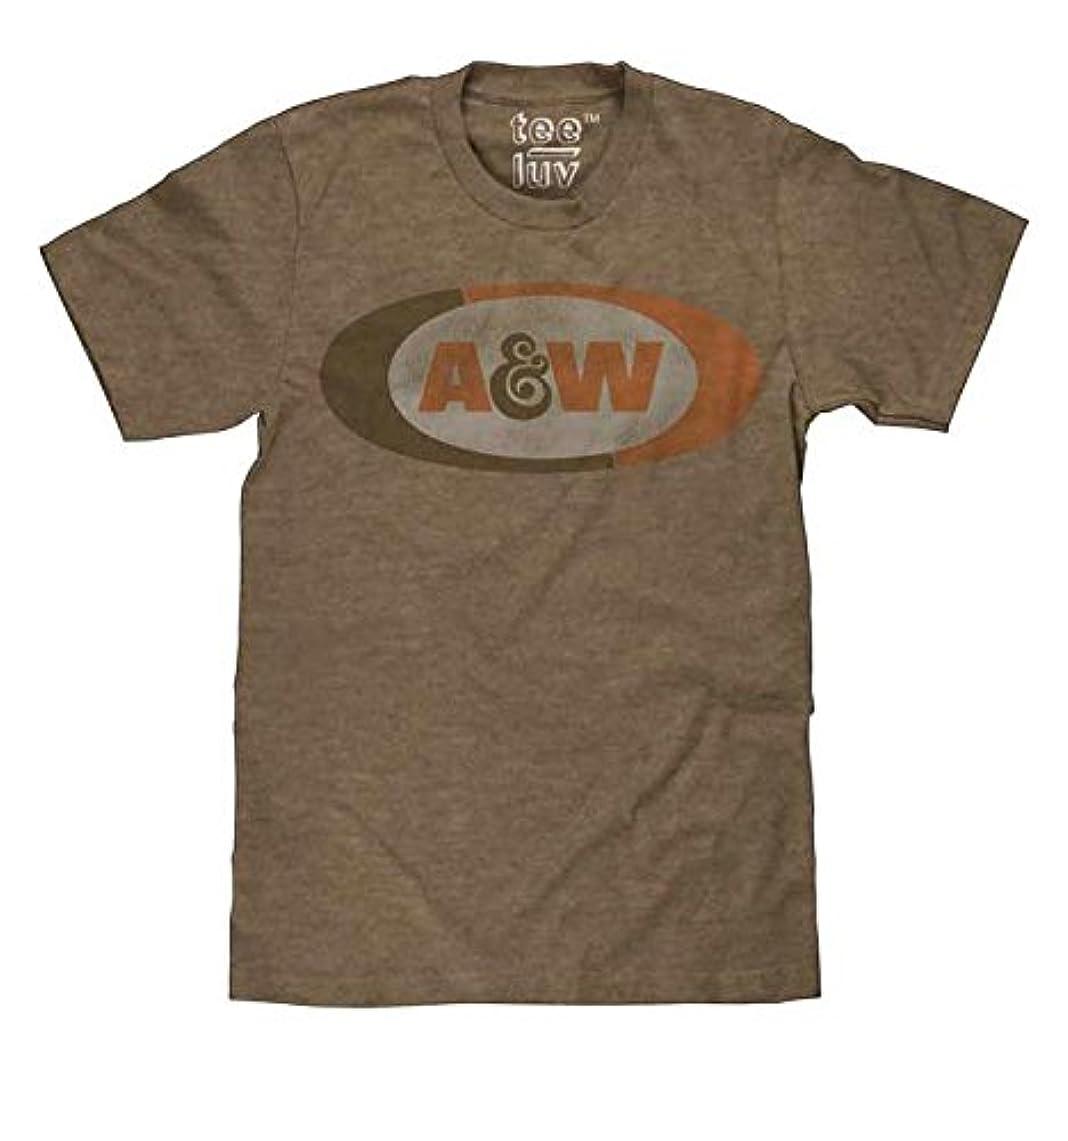 チラチラする現像ヨーグルトA&W エンダー Tシャツ 正規品 ルート ビア エイ アンド ダブリュ Root Beer